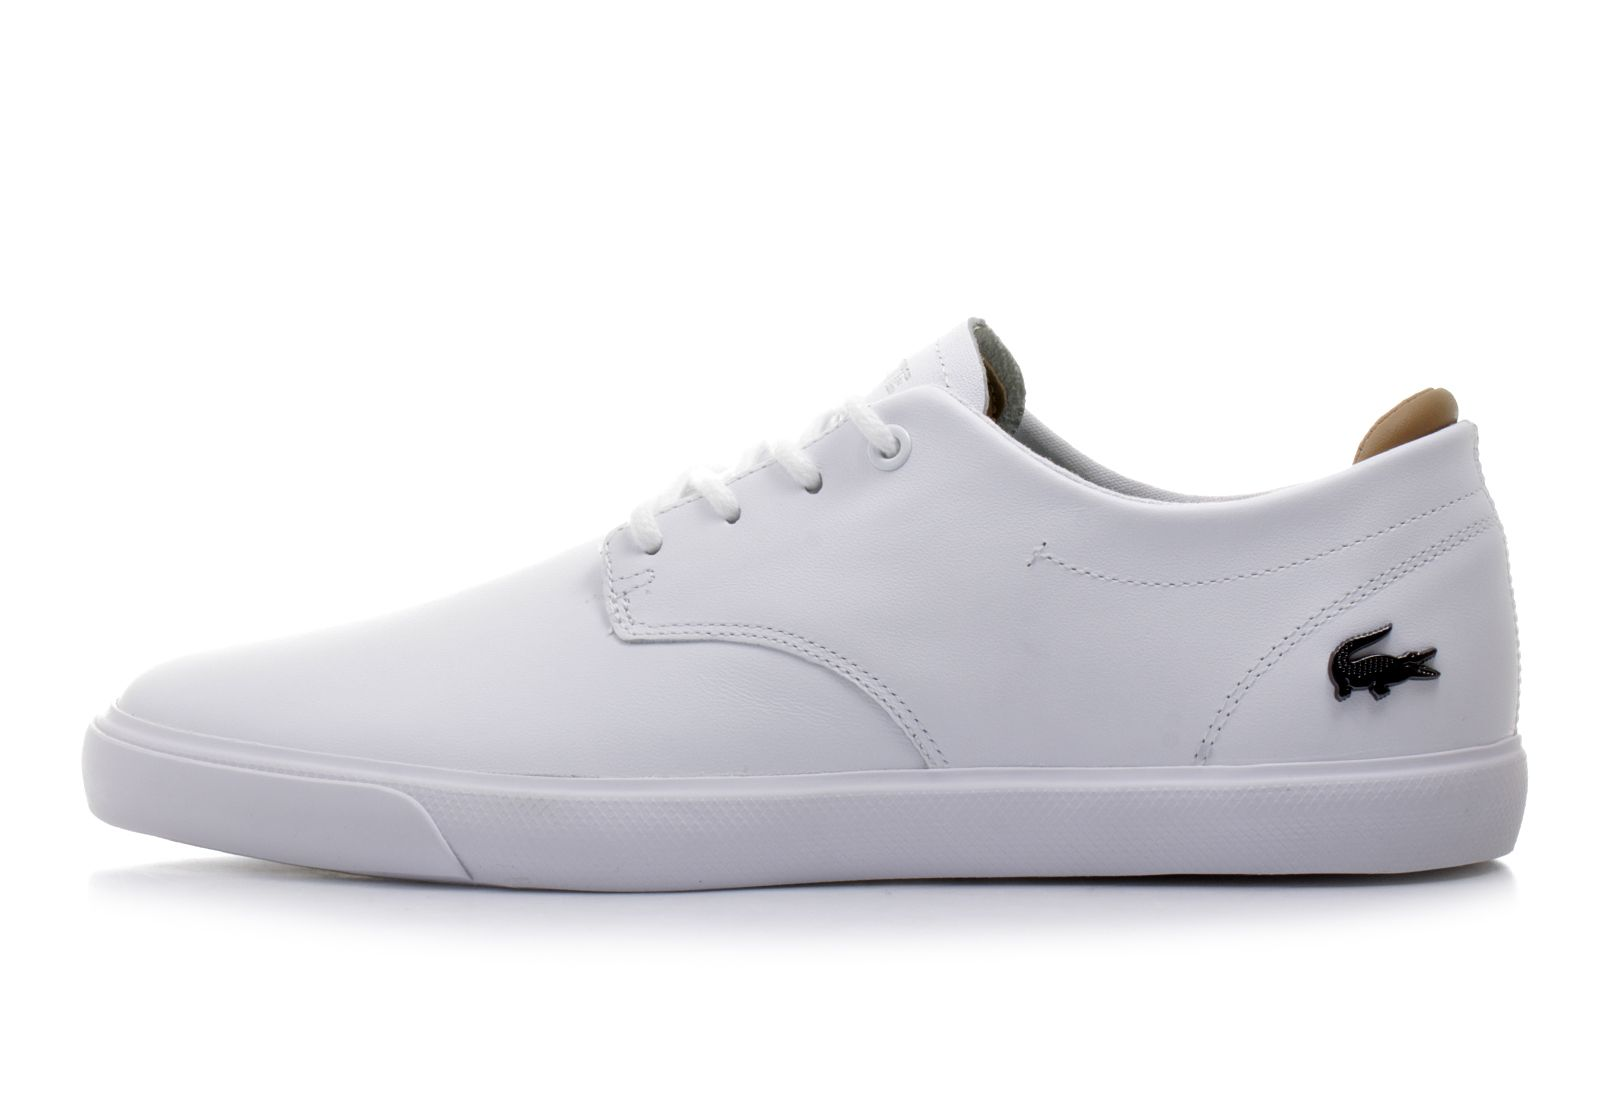 02ca51d10b Lacoste Shoes - Espere 117 1 - 171cam1040-001 - Online shop for ...